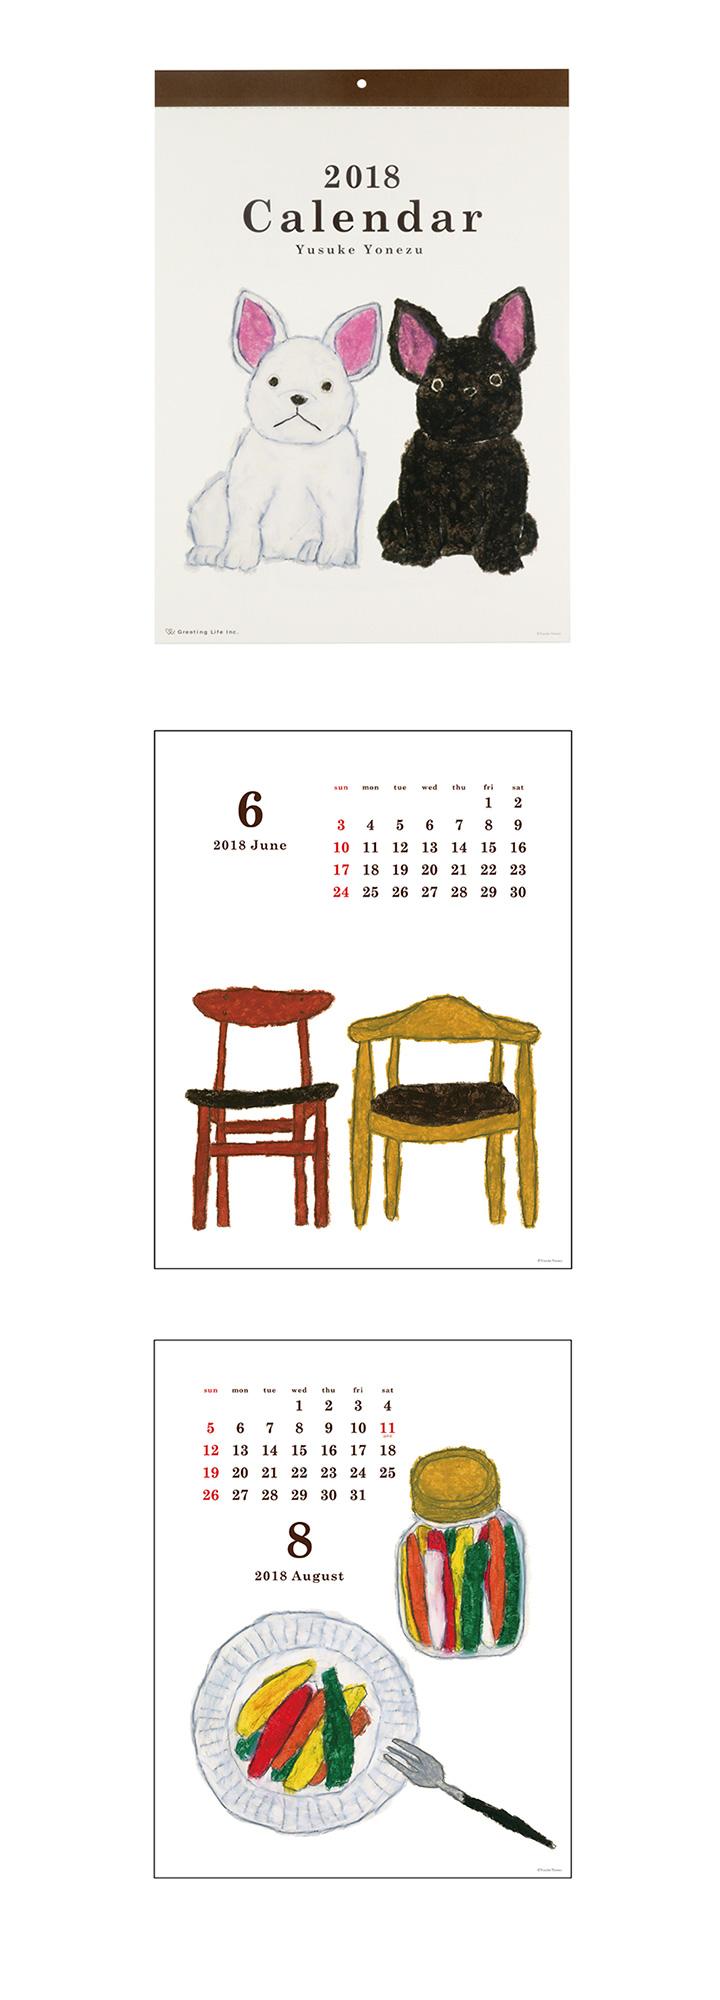 2018 米津祐介壁掛カレンダー